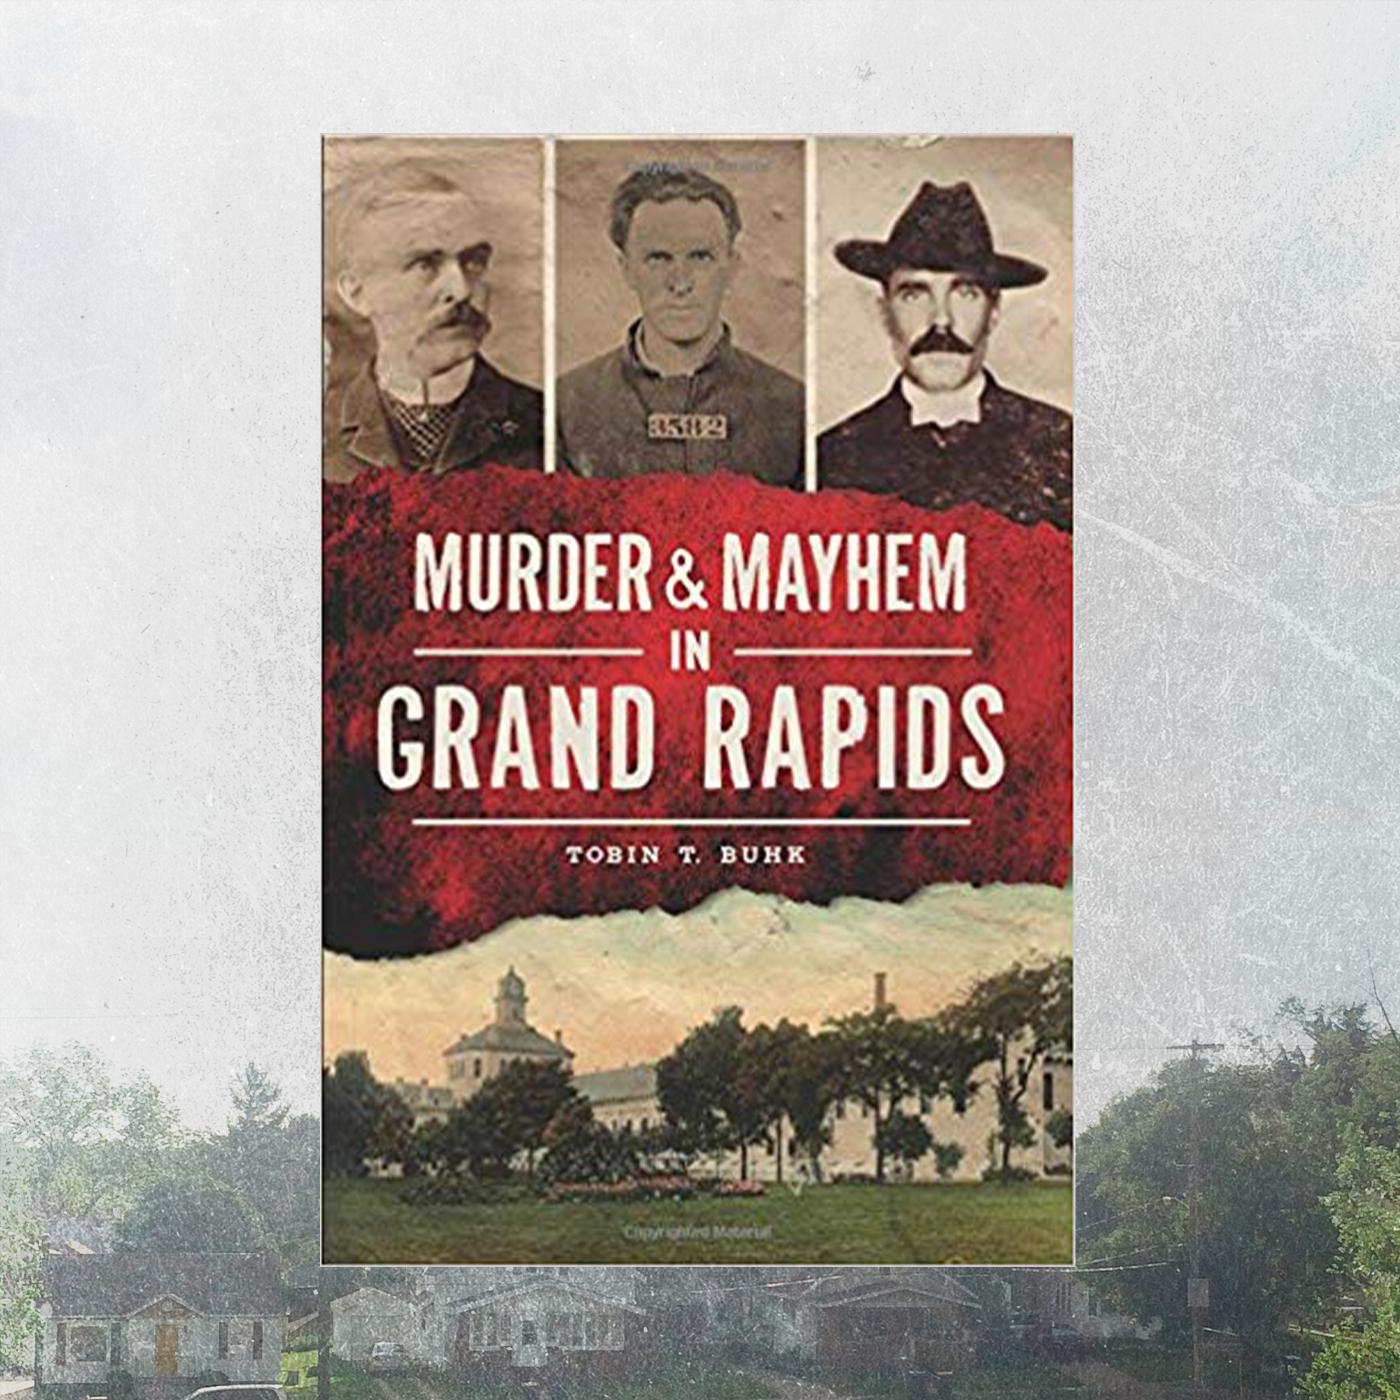 Murder & Mayhem in Grand Rapids by Tobin T. Buhk